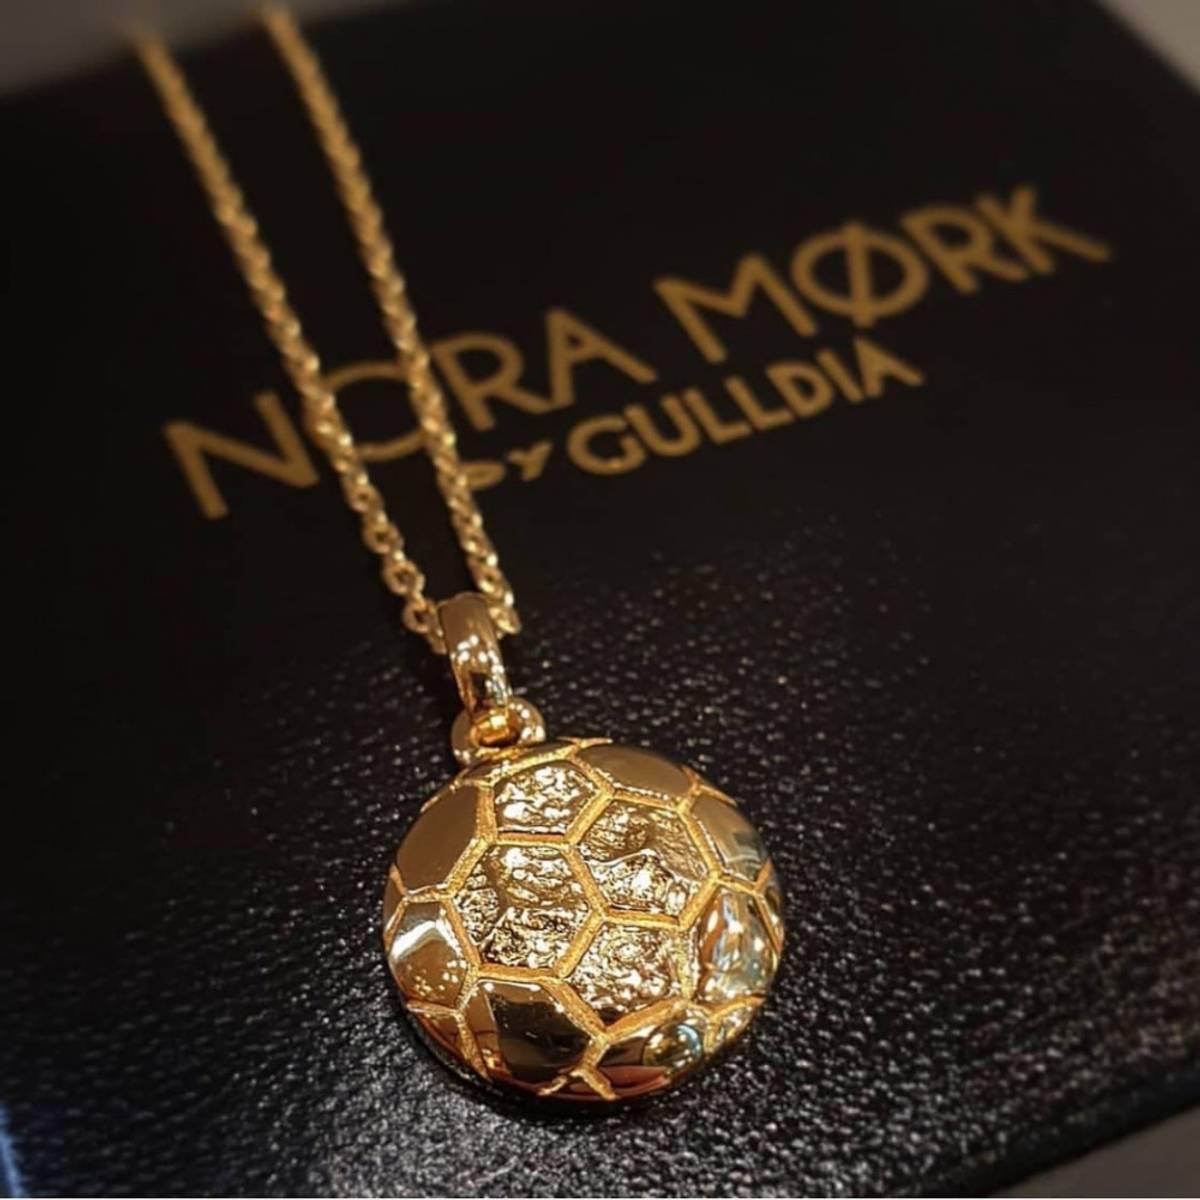 Nora Mørk smykke  Forgylt håndball anheng i sølv med 45cm kjede